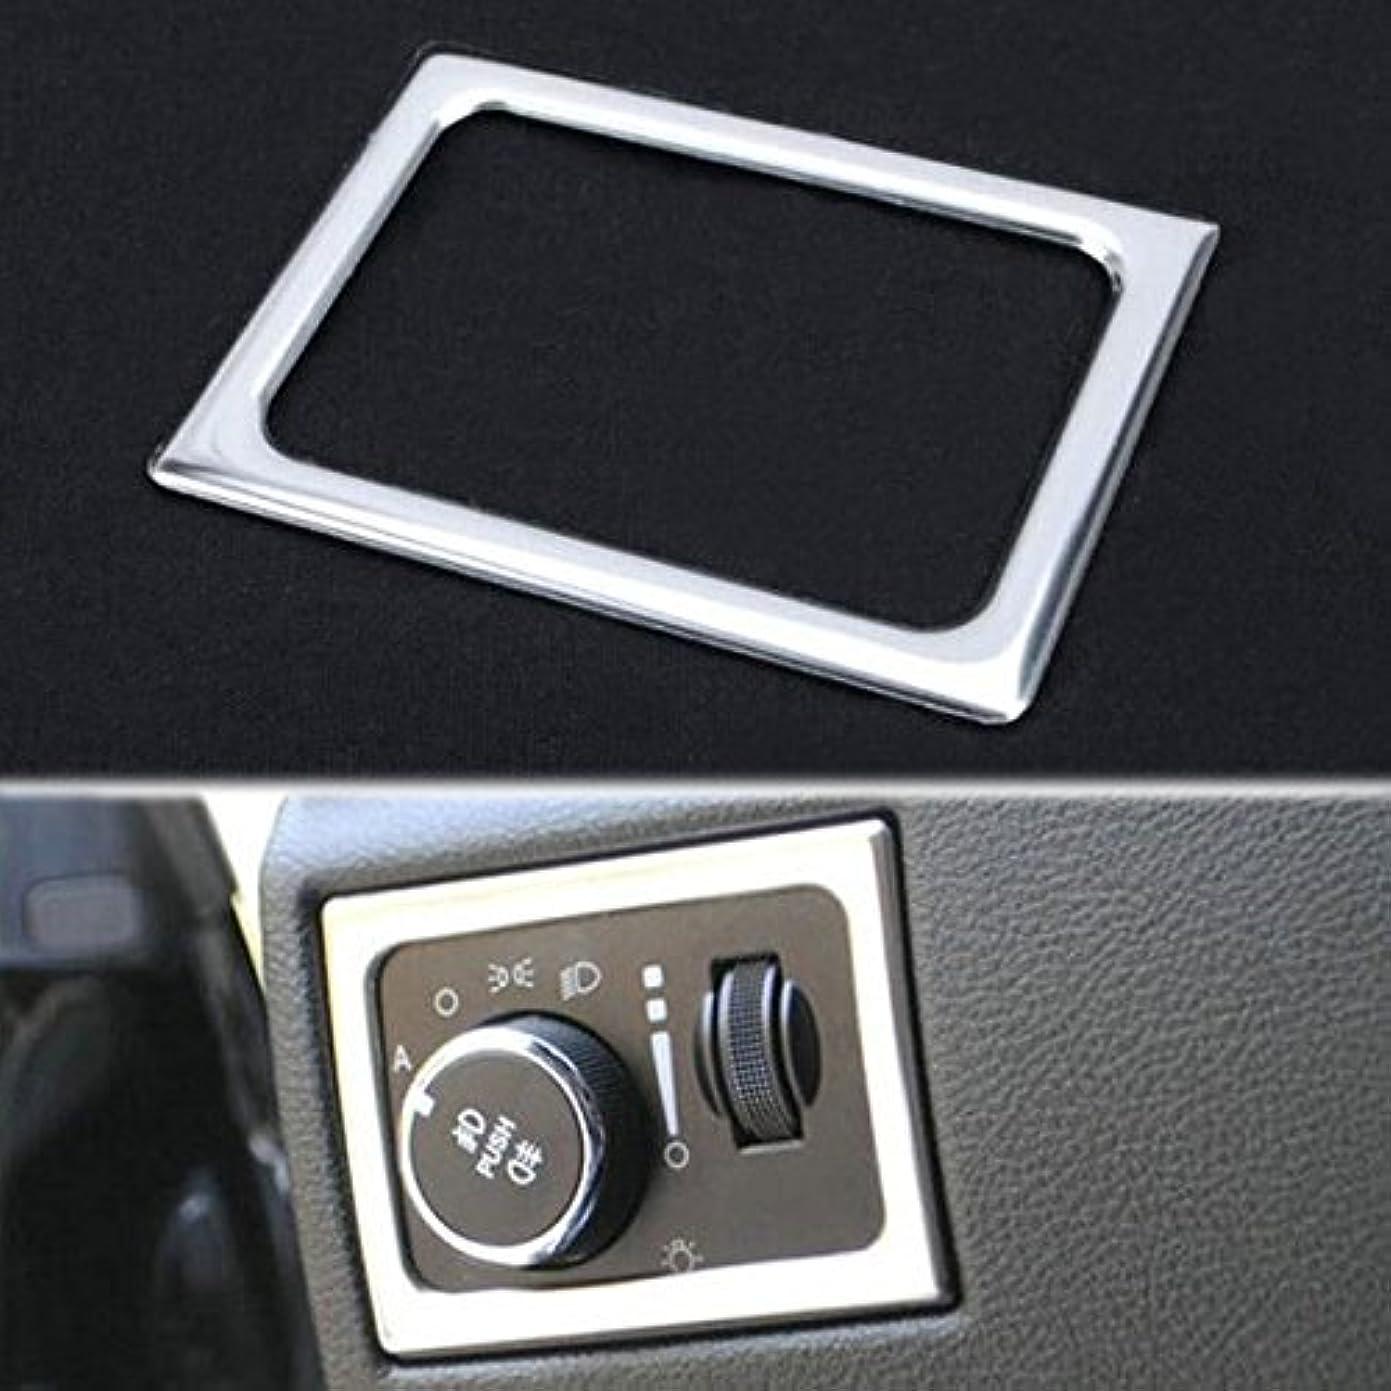 構成落ち着かないテロJicorzo - For Jeep Grand Cherokee 2011-2016 Front Headlight Lamp Switch Adjust Frame Cover Trim Car Styling Interior Decoration Moldings